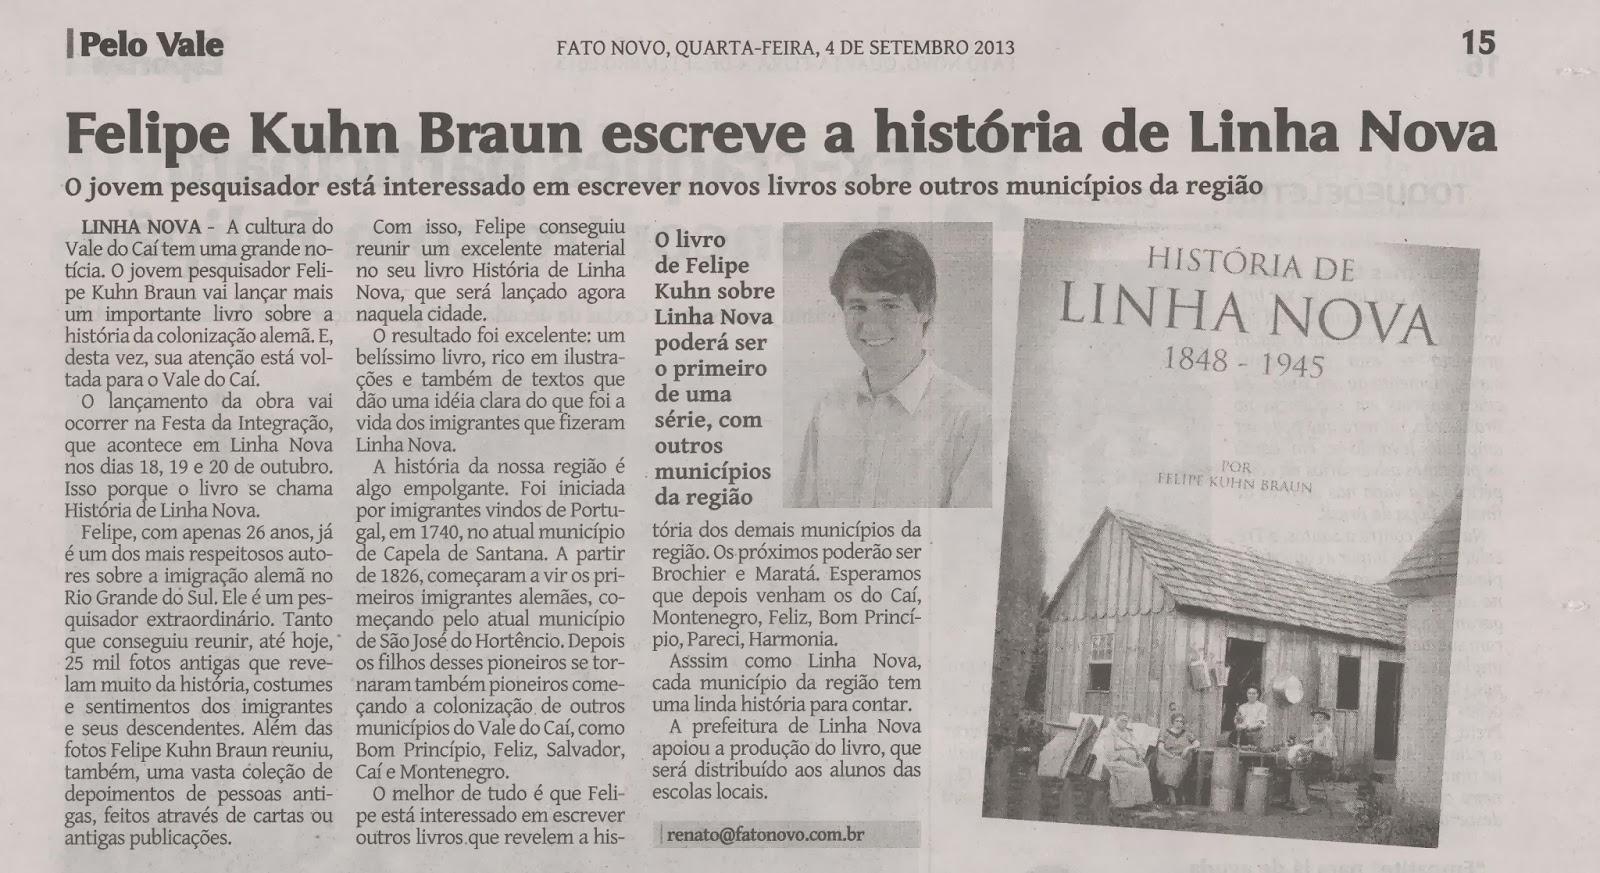 Felipe Kuhn Braun escreve a história de Linha Nova